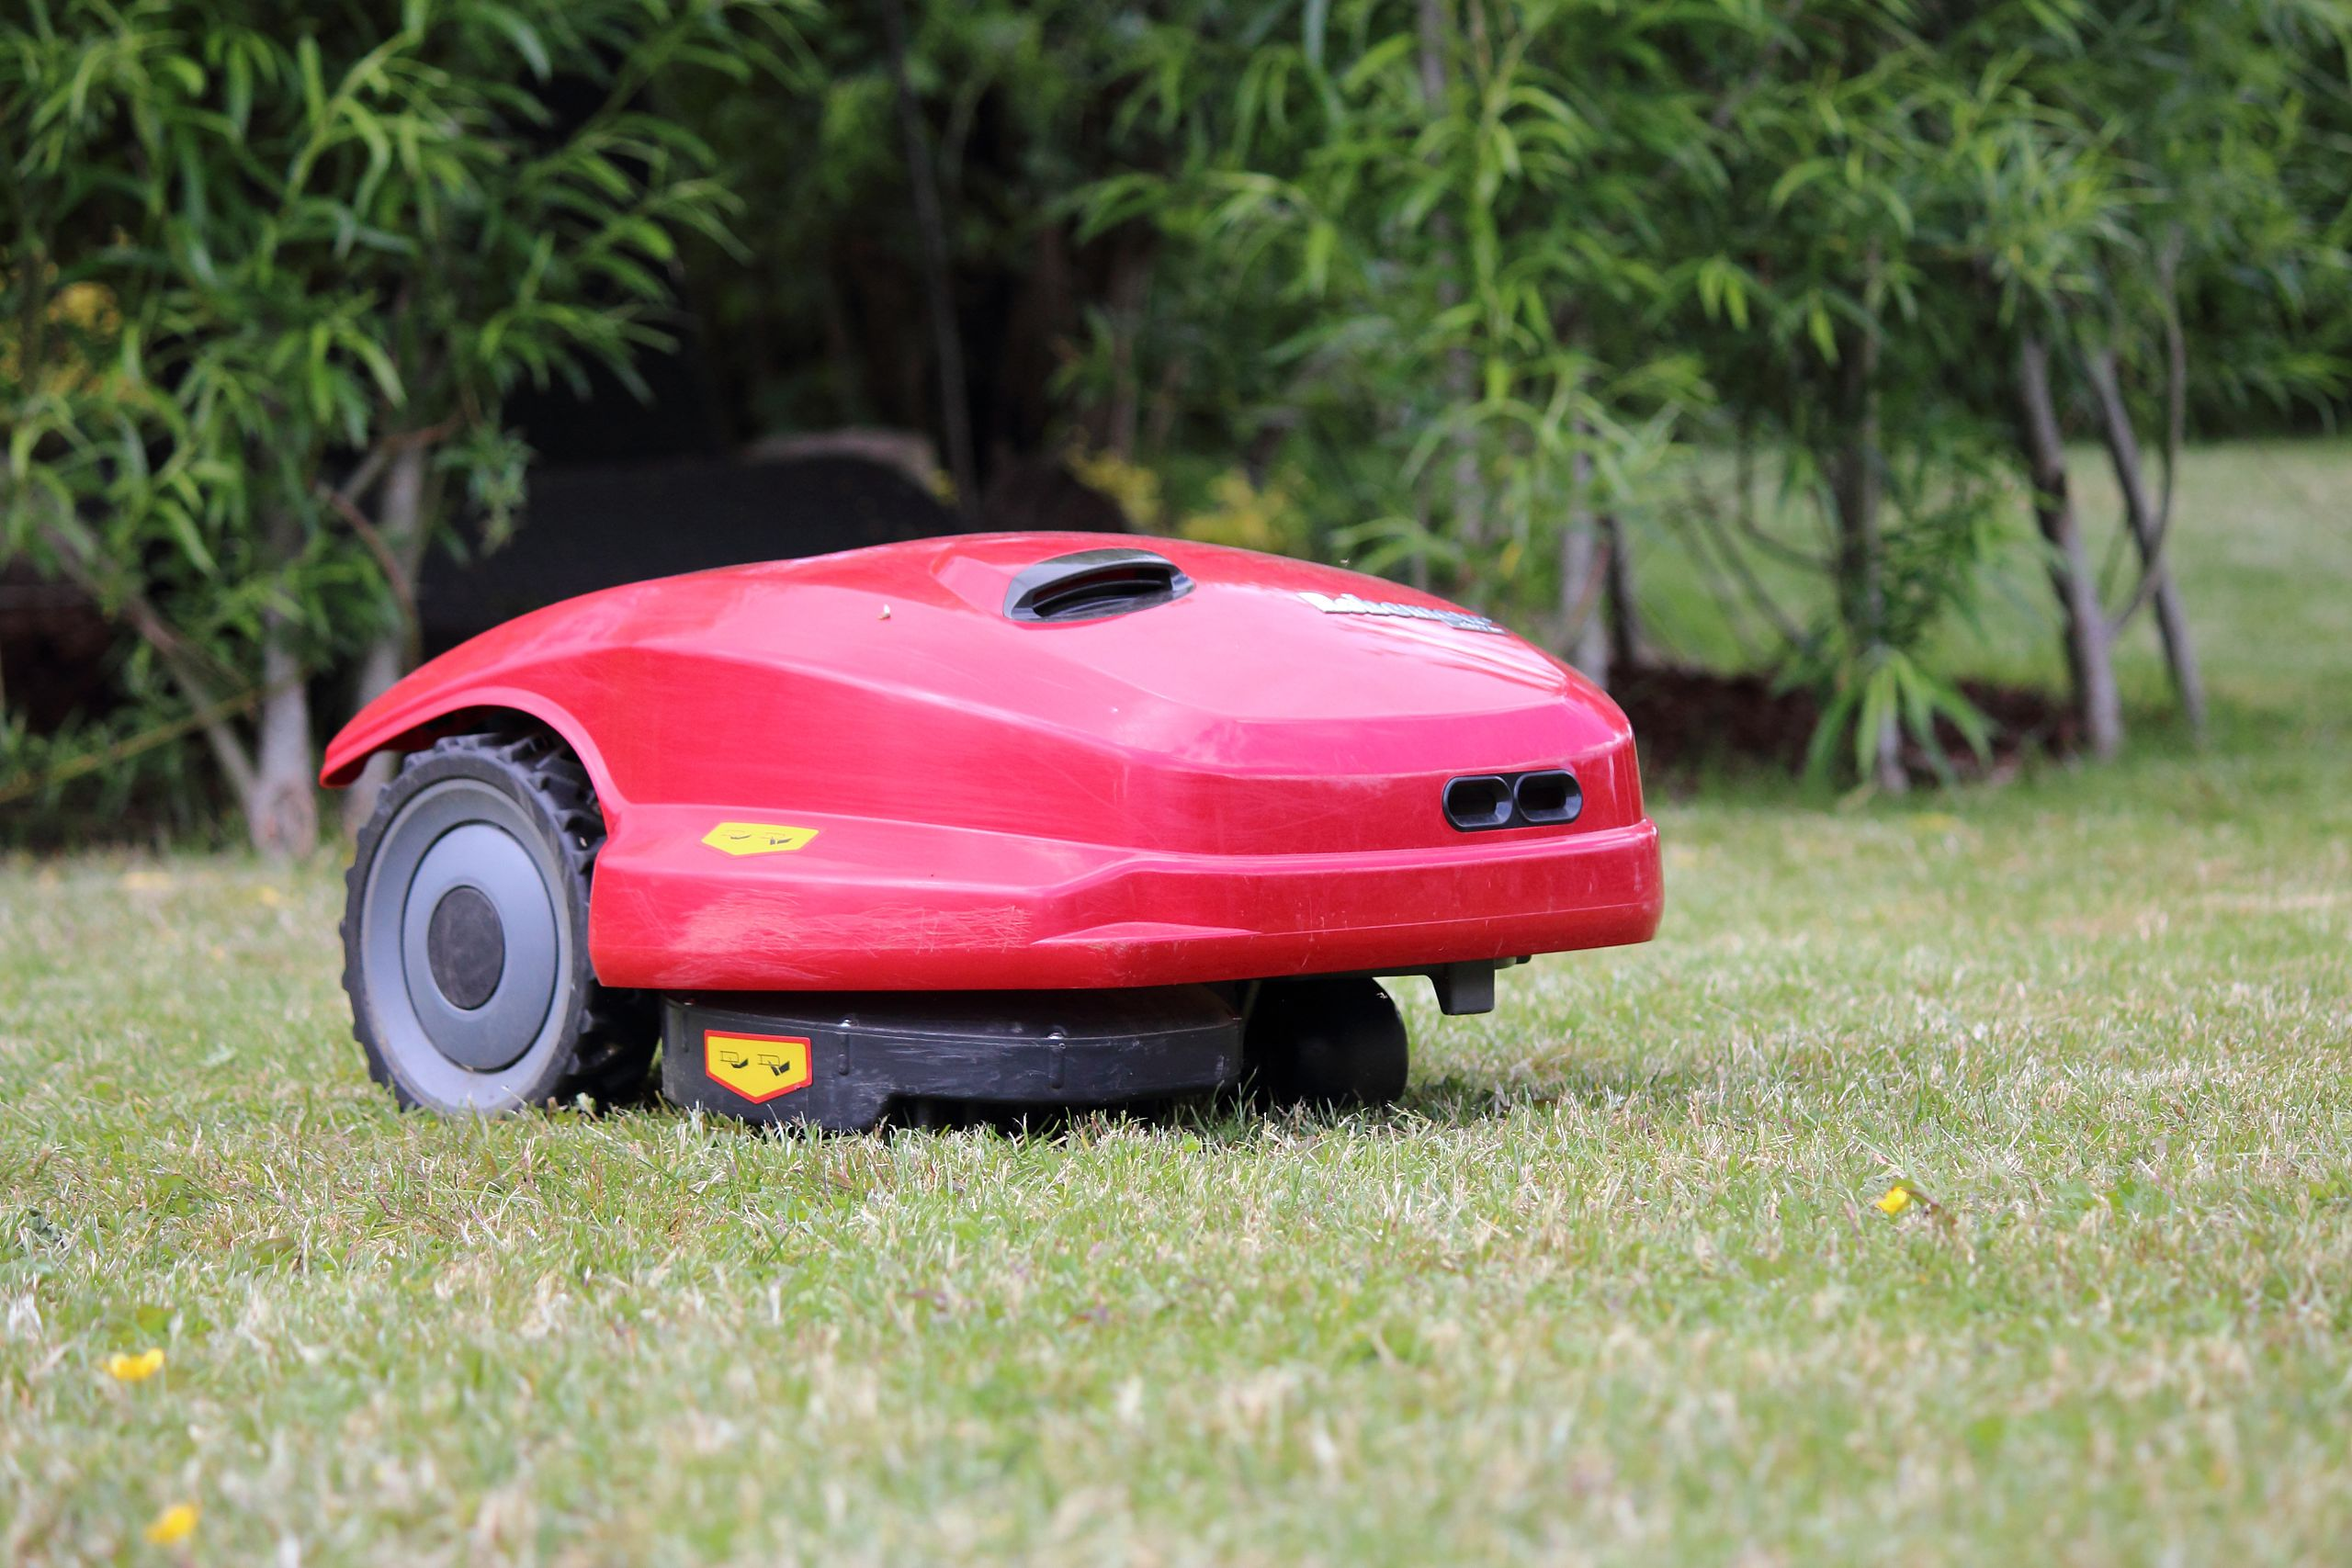 grass cutting robot